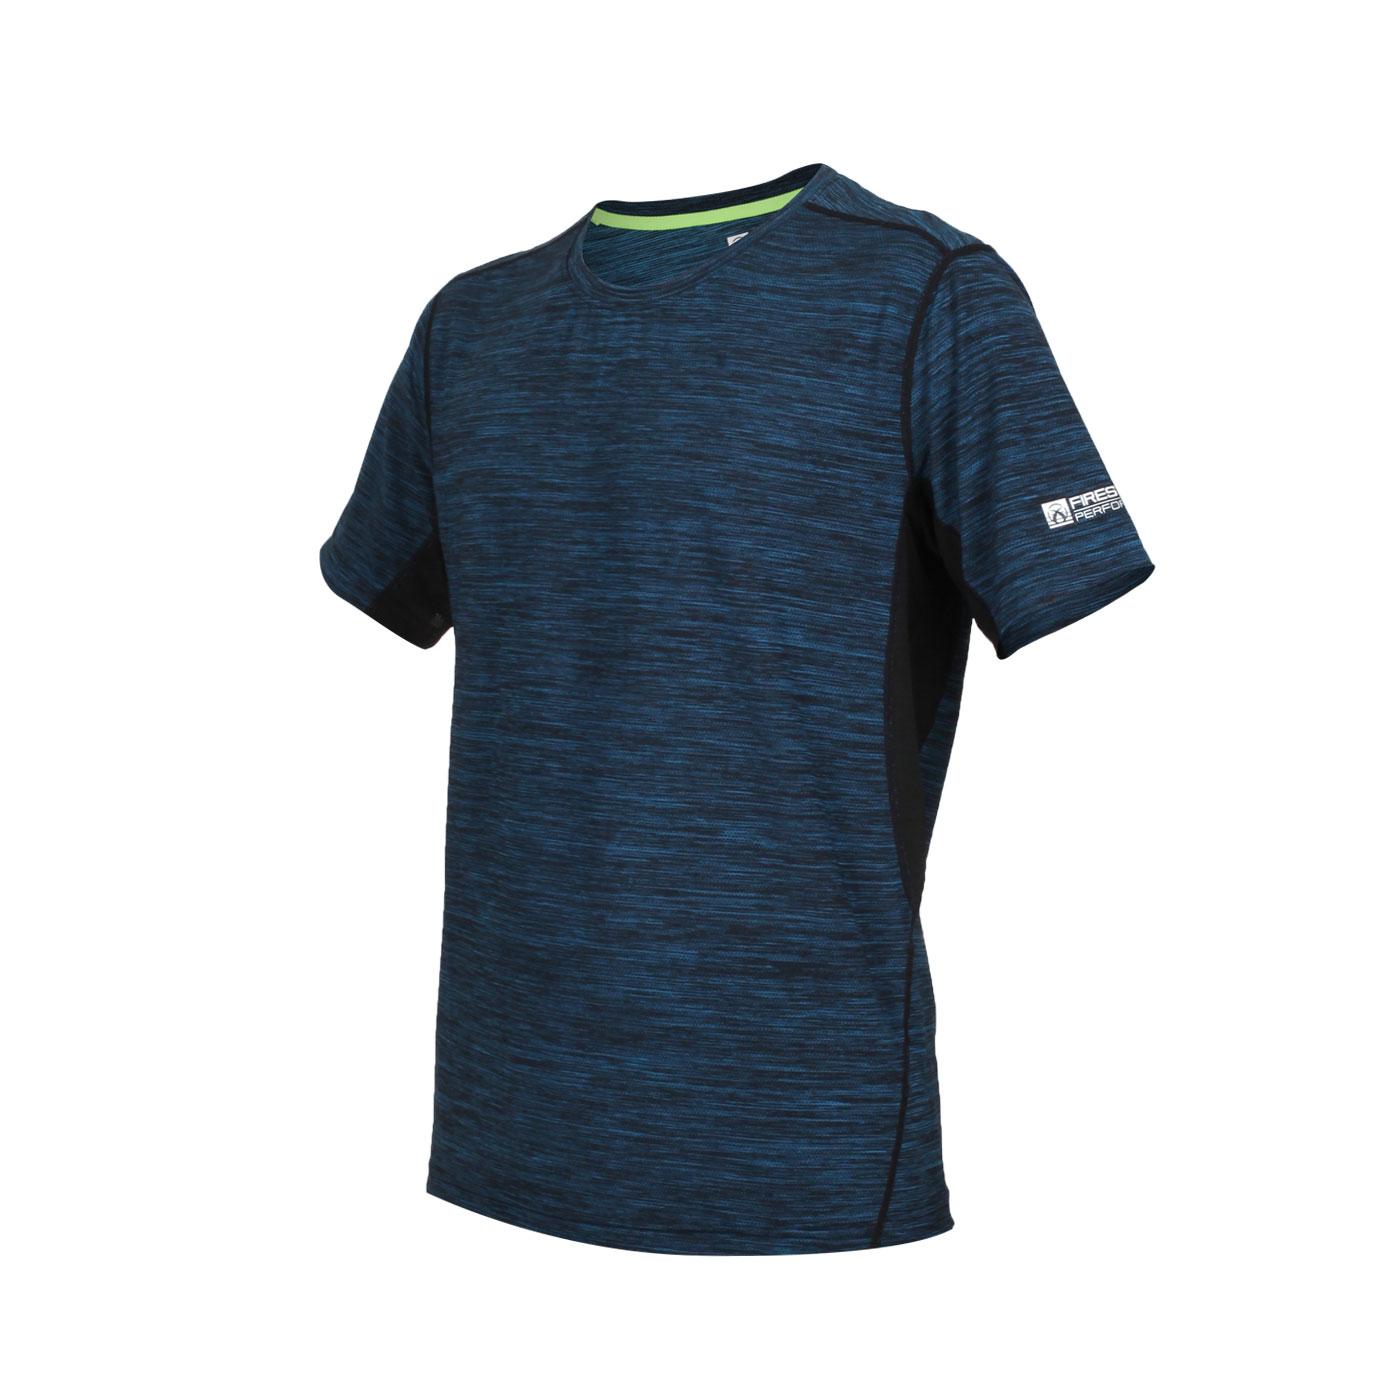 FIRESTAR 男款彈性圓領短袖T恤 D9230-18